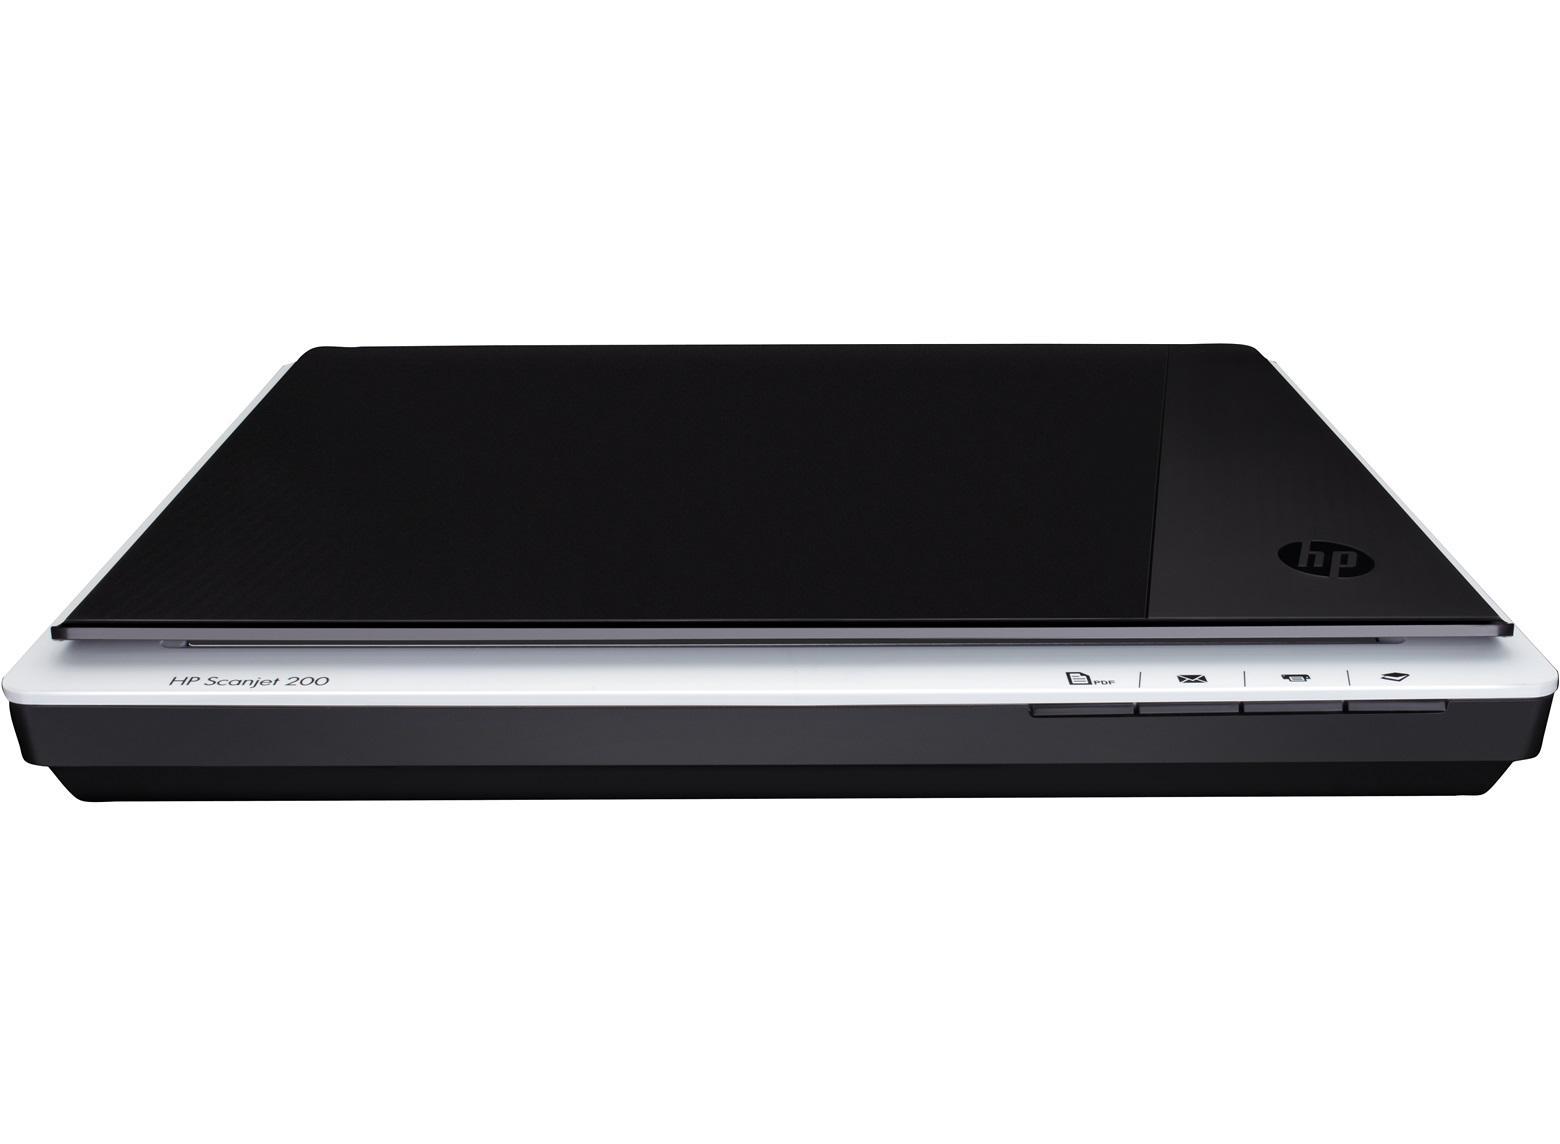 Máy Scan HP Scanjet 200 Flatbed Scanner